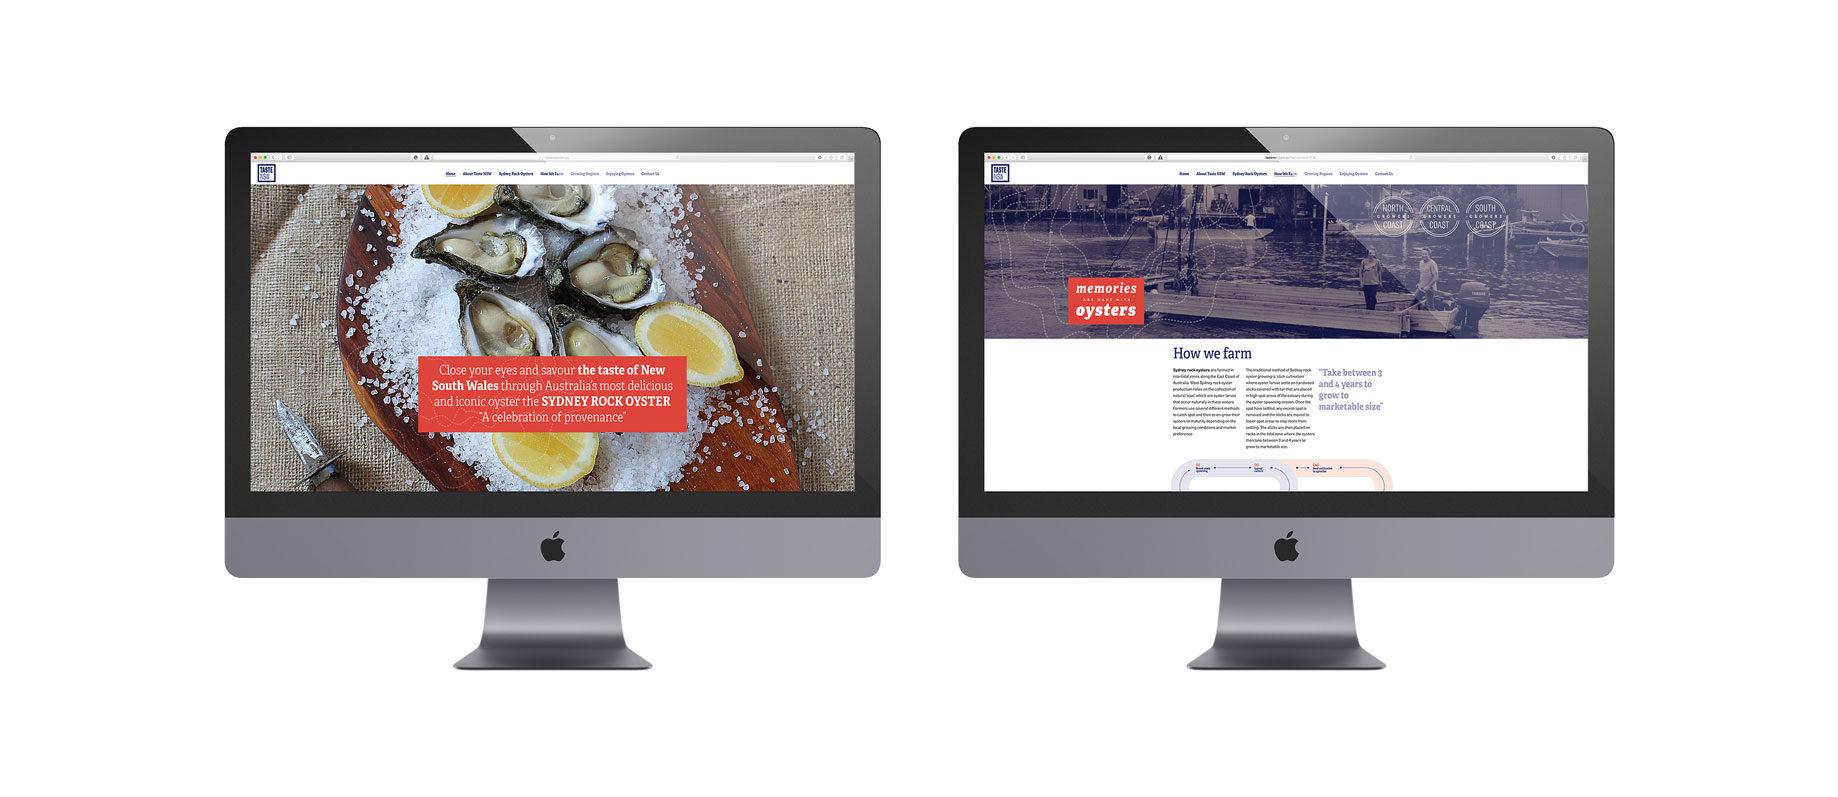 Taste NSW Australia branding diseño de logo identidad corporativa material comercial diseño gráfico diseño web Vibranding